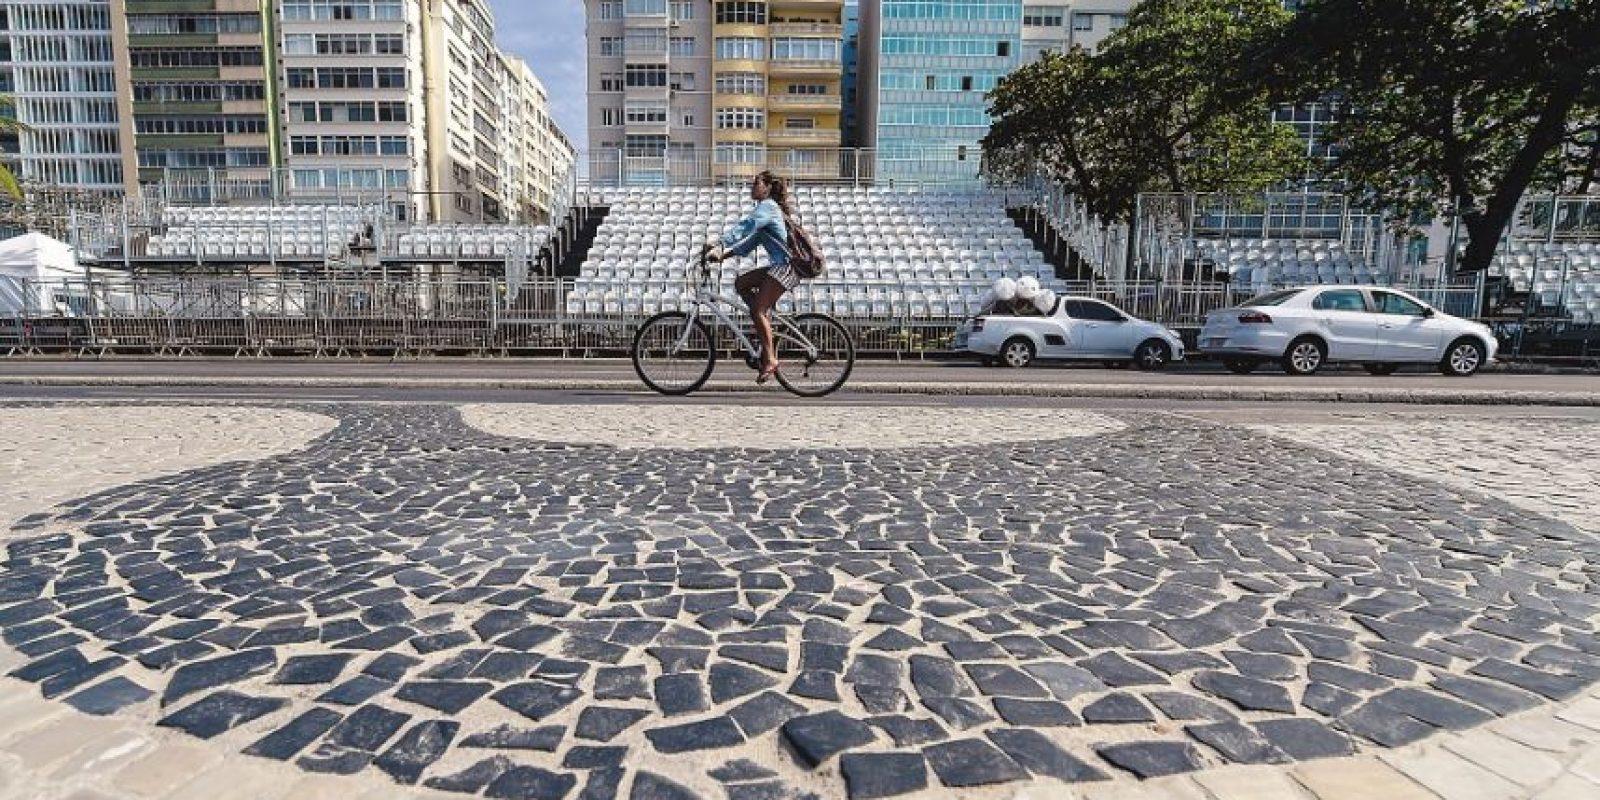 Se instalaron gradas en medio de la avenida Atlántica. El público puede seguir las pruebas de maratón natación, ciclismo y triatlón en el lugar. Foto:Fuente externa